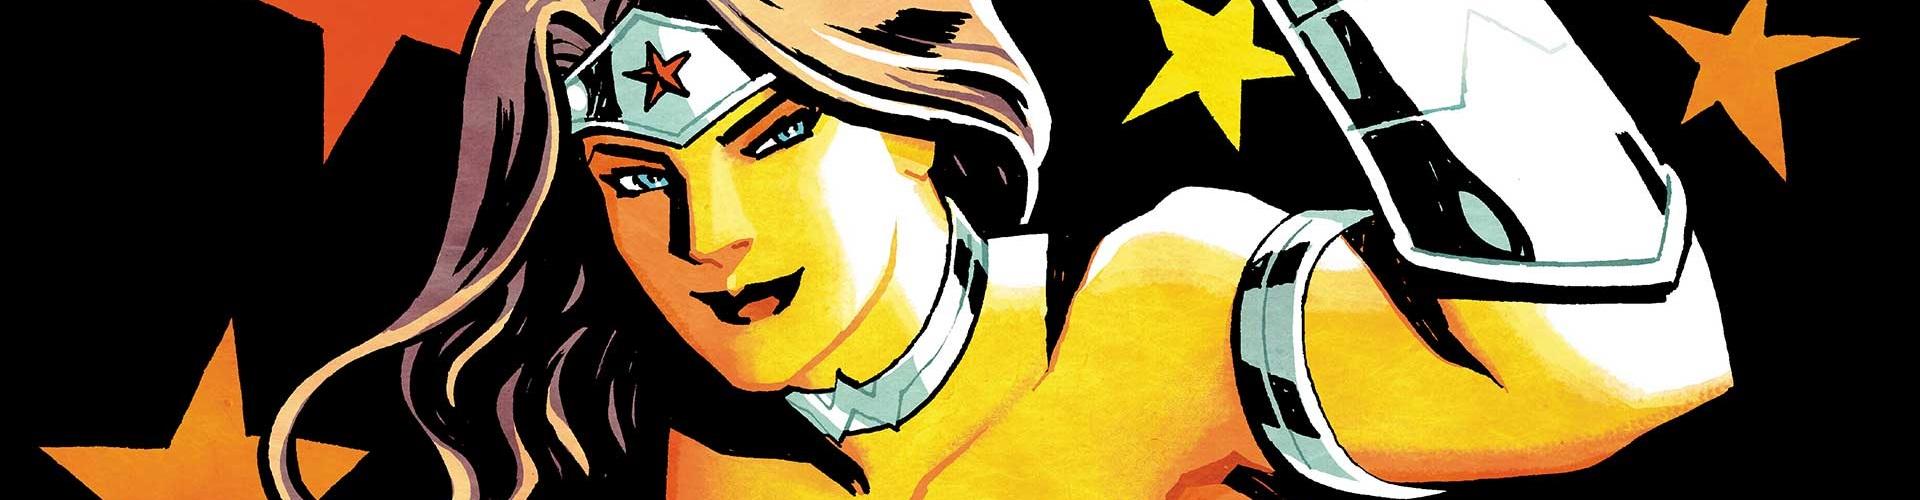 Wonder Woman Sales